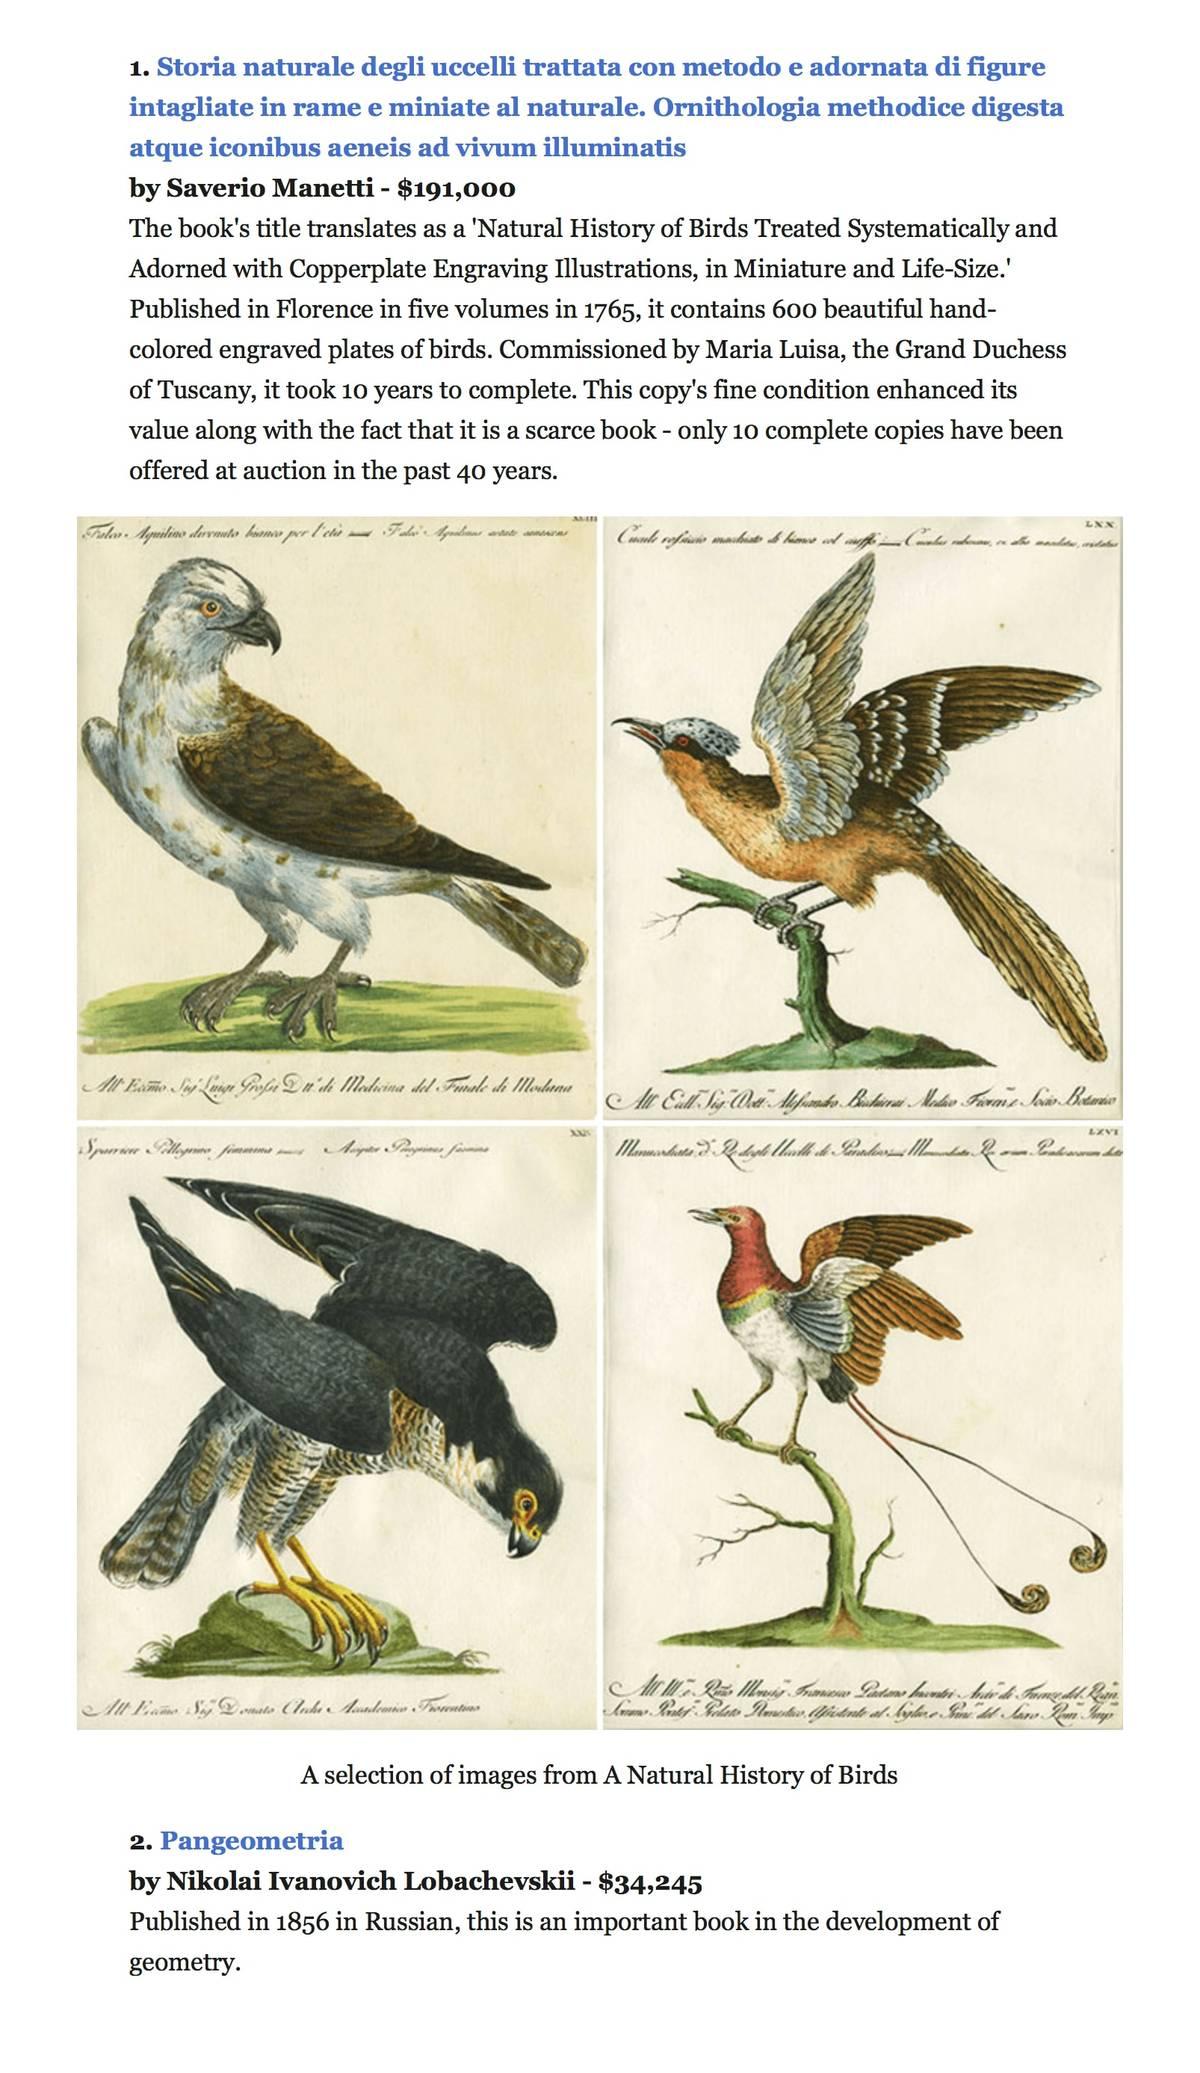 Abebooks.com — интернет-рынок, где продают книги. Самая дорогая из проданных здесь книг — исключительной красоты «Естественная история птиц». Покупателю она обошлась в 191 тысячу долларов